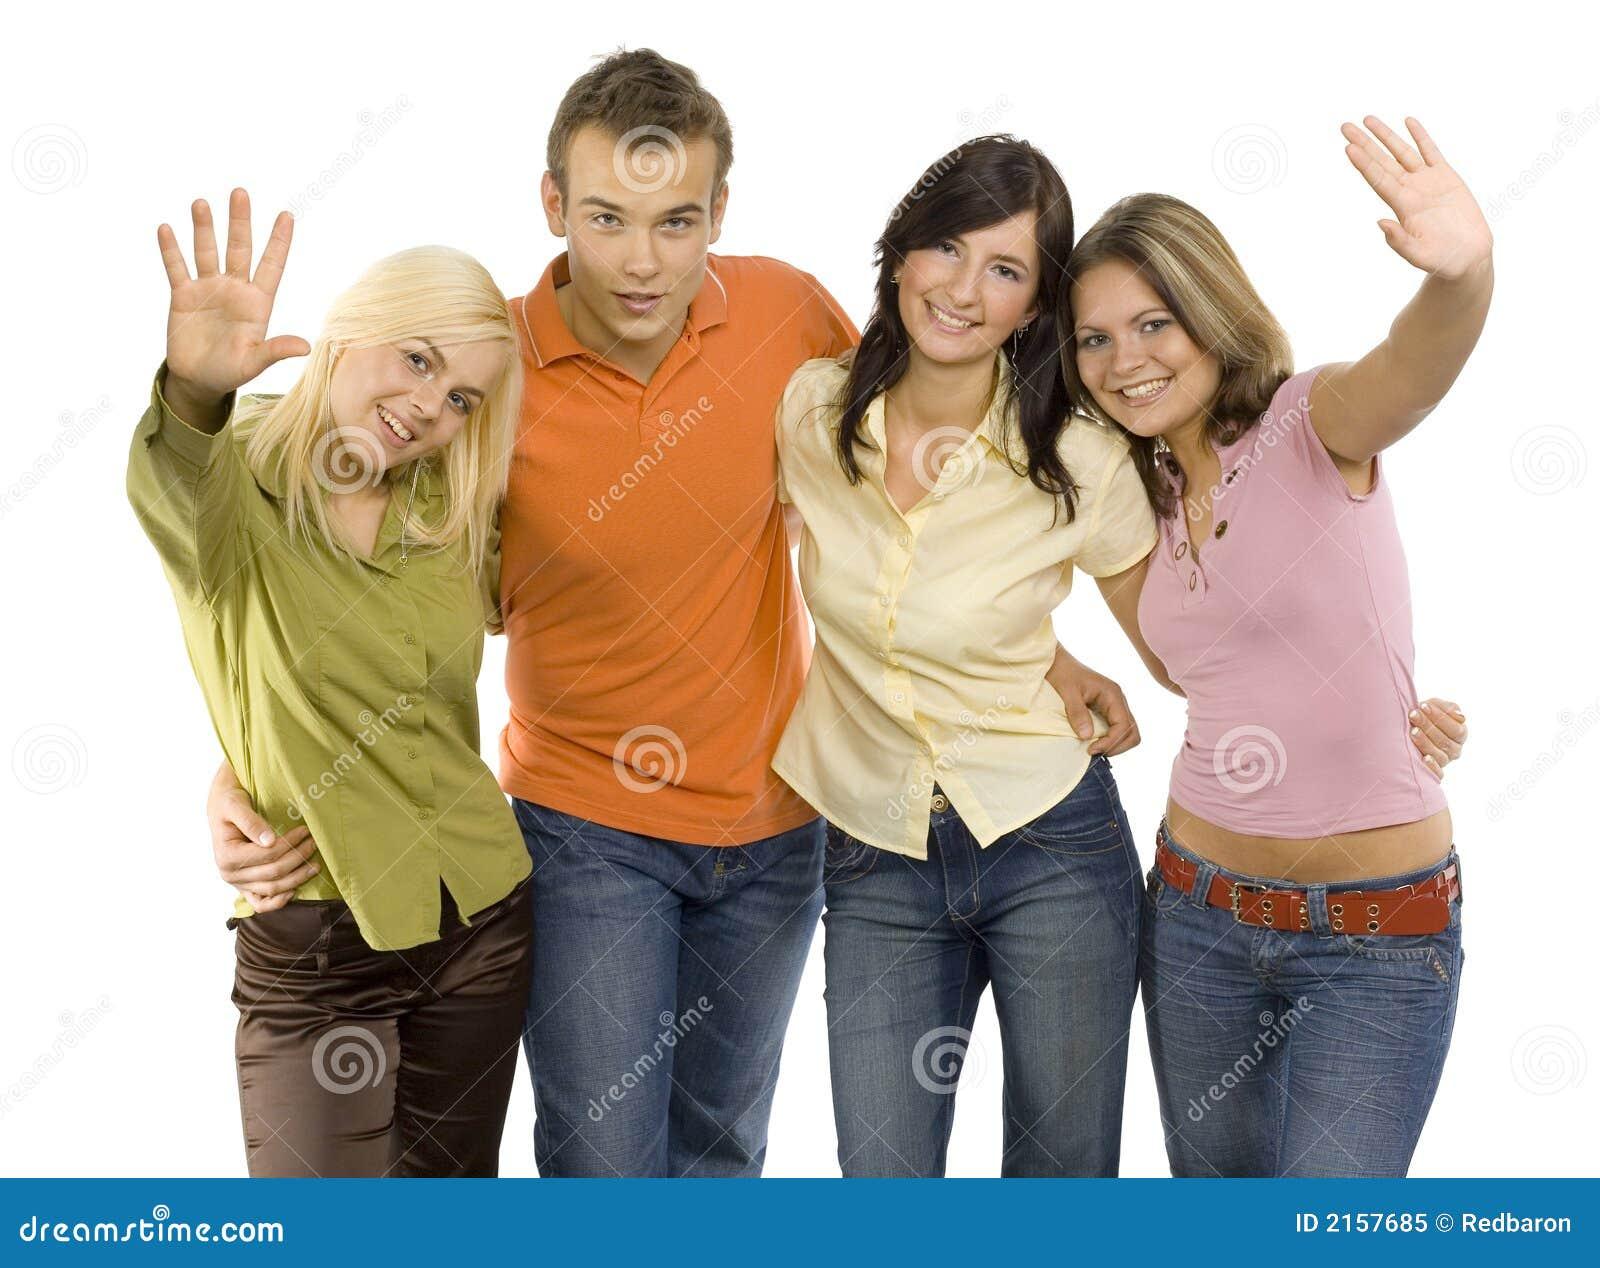 Diário dos Sonhos Lúcidos de Emerson Pawoski - Página 4 Grupo-de-amigos-adolescentes-2157685